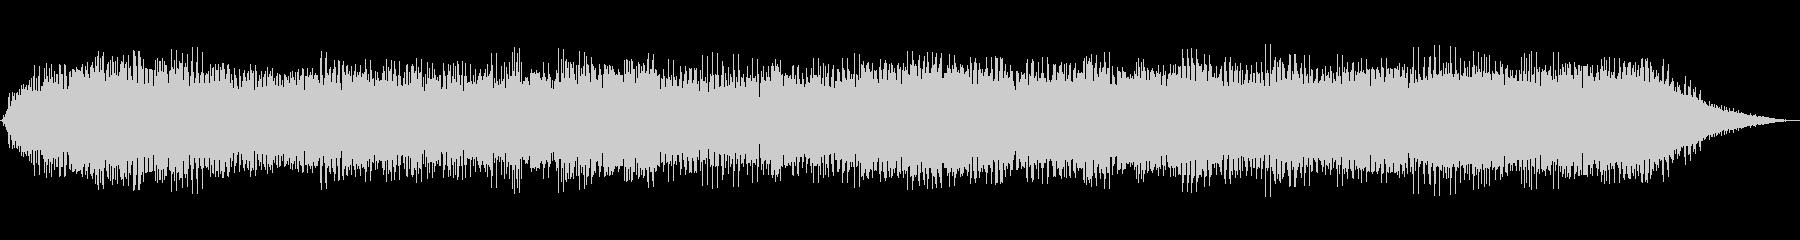 ゴーストボルテックス2:ミディアム...の未再生の波形